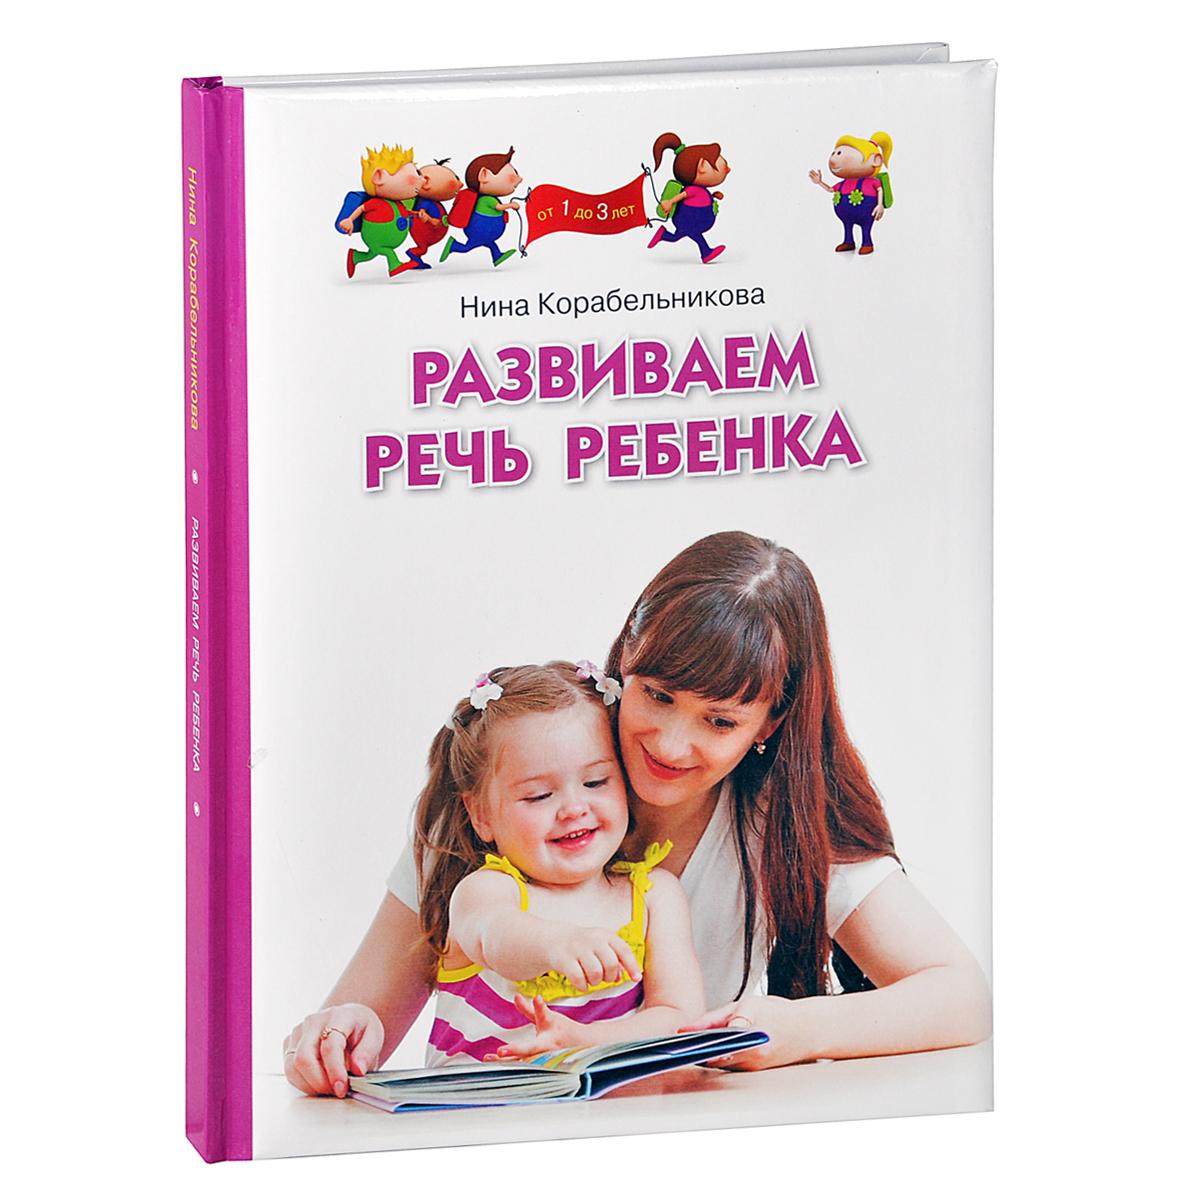 Развиваем речь ребенка. Для детей от 1 до 3 лет